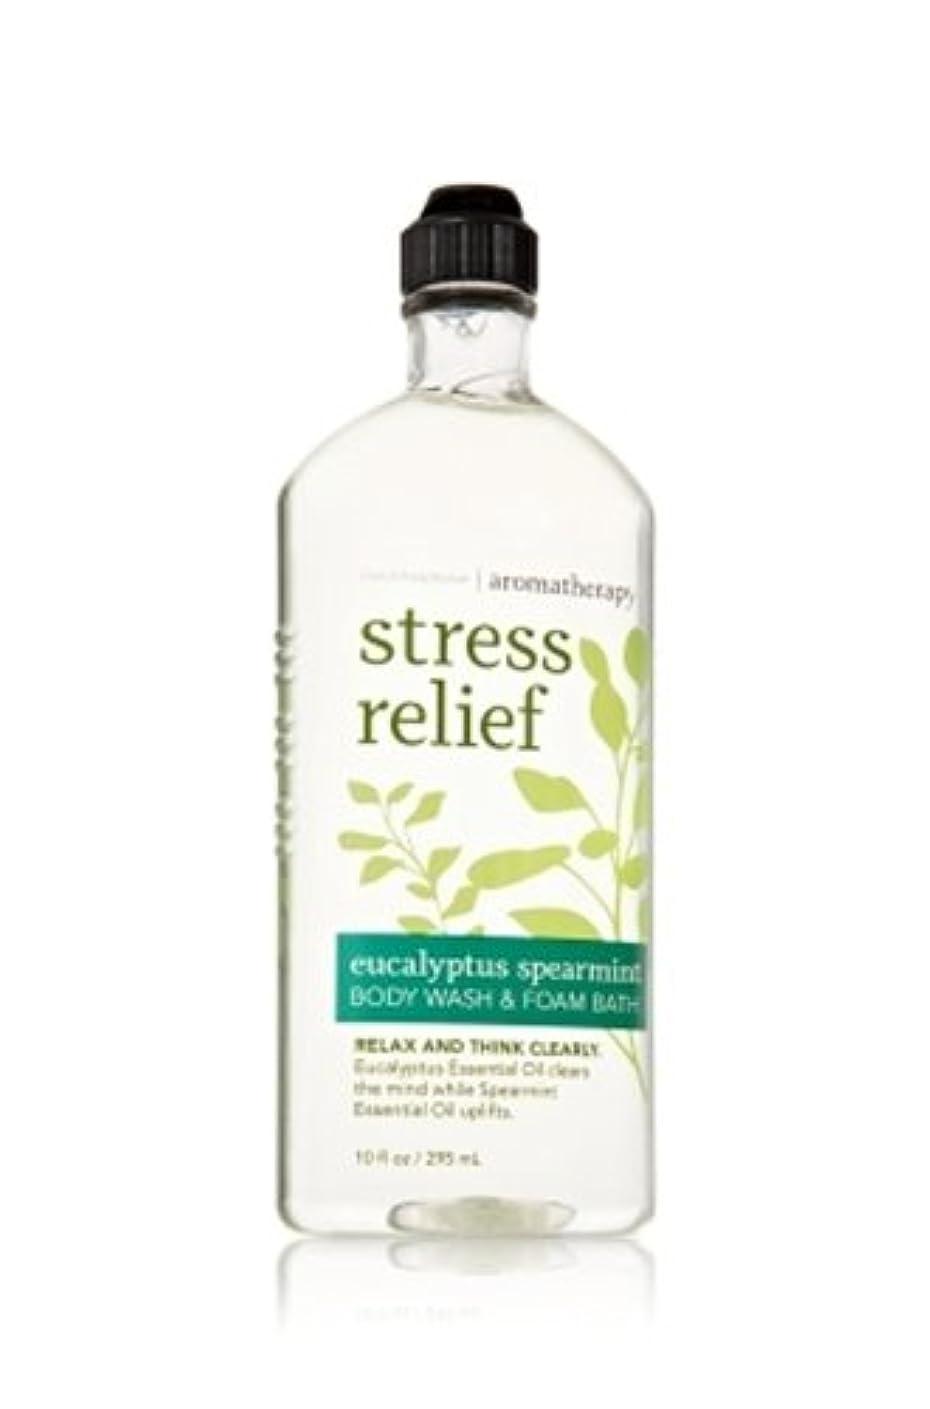 ベルベット厚さ裏切り【Bath&Body Works/バス&ボディワークス】 ボディウォッシュ&フォームバス アロマセラピー ストレスリリーフ ユーカリスペアミント Body Wash & Foam Bath Aromatherapy Stress Relief Eucalyptus Spearmint 10 fl oz / 295 mL [並行輸入品]